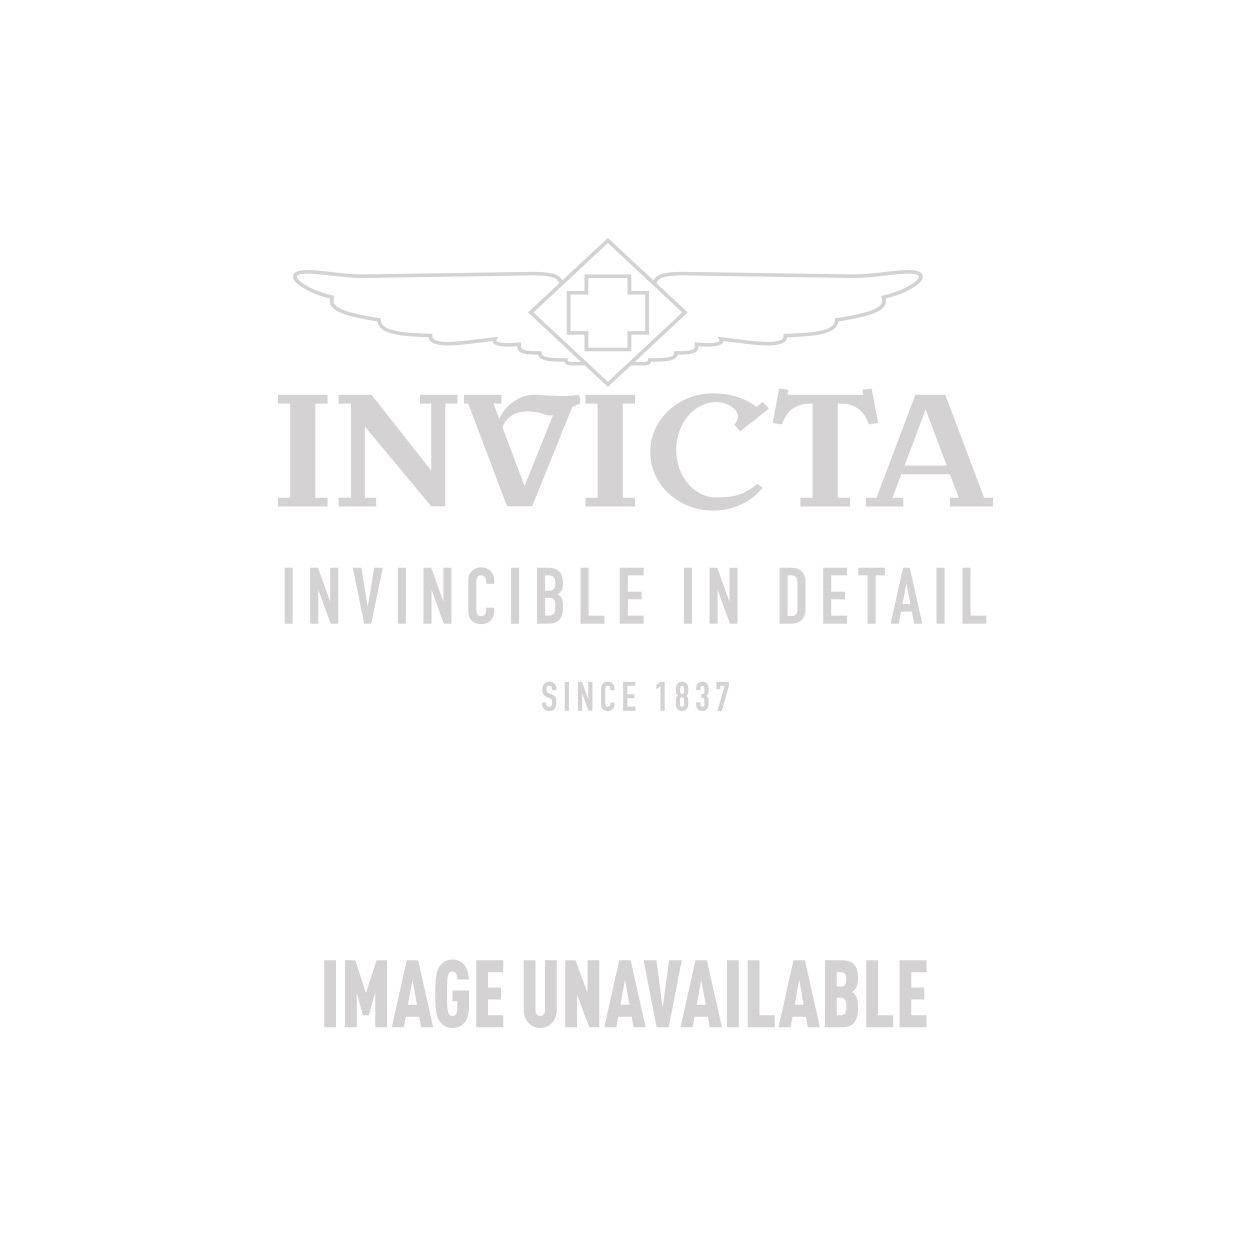 Invicta Model 25058